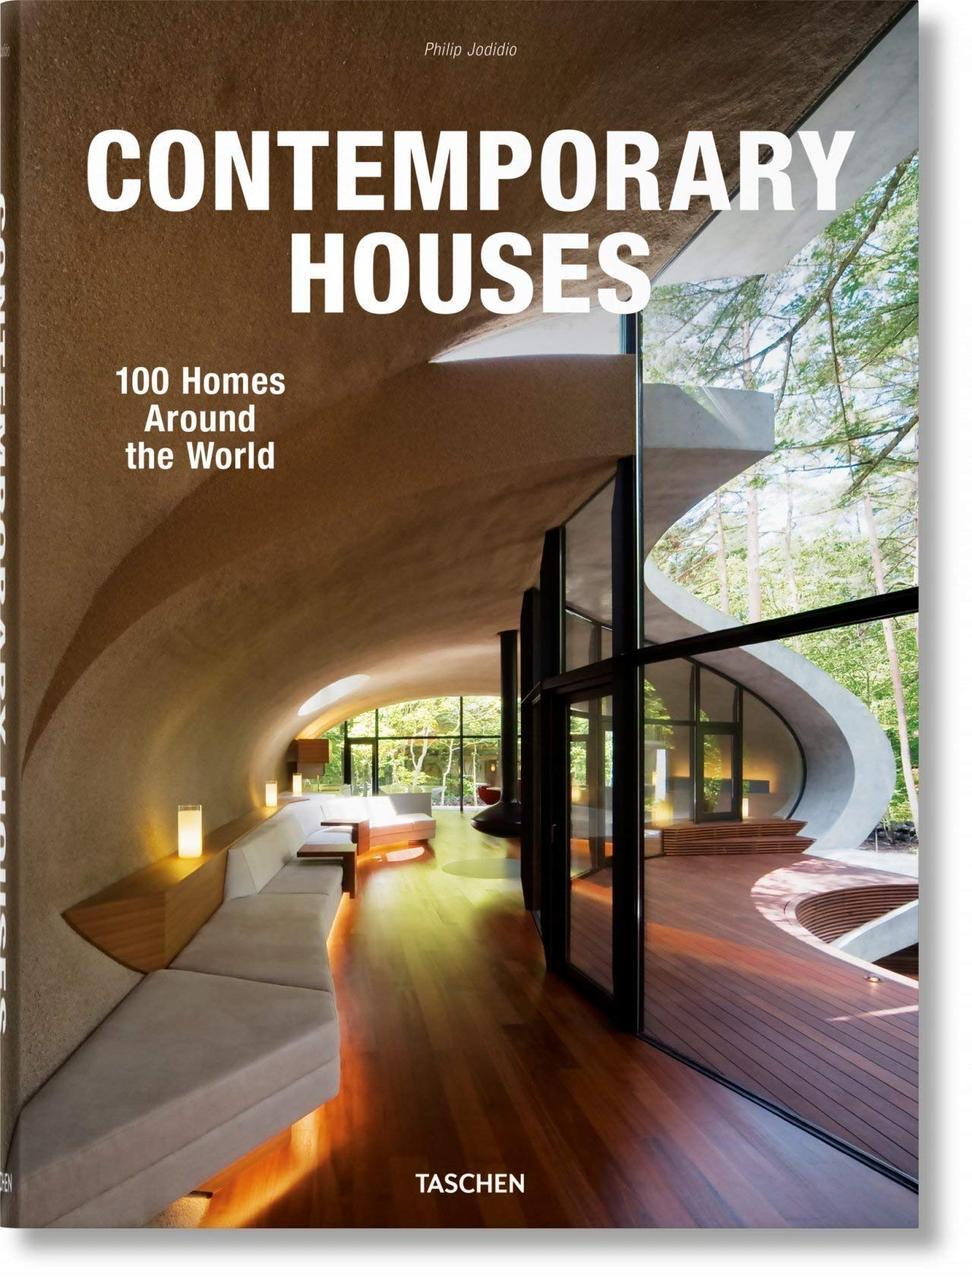 Коммерческая архитектура. Contemporary Houses. 100 Homes Around the World. Philip Jodidio